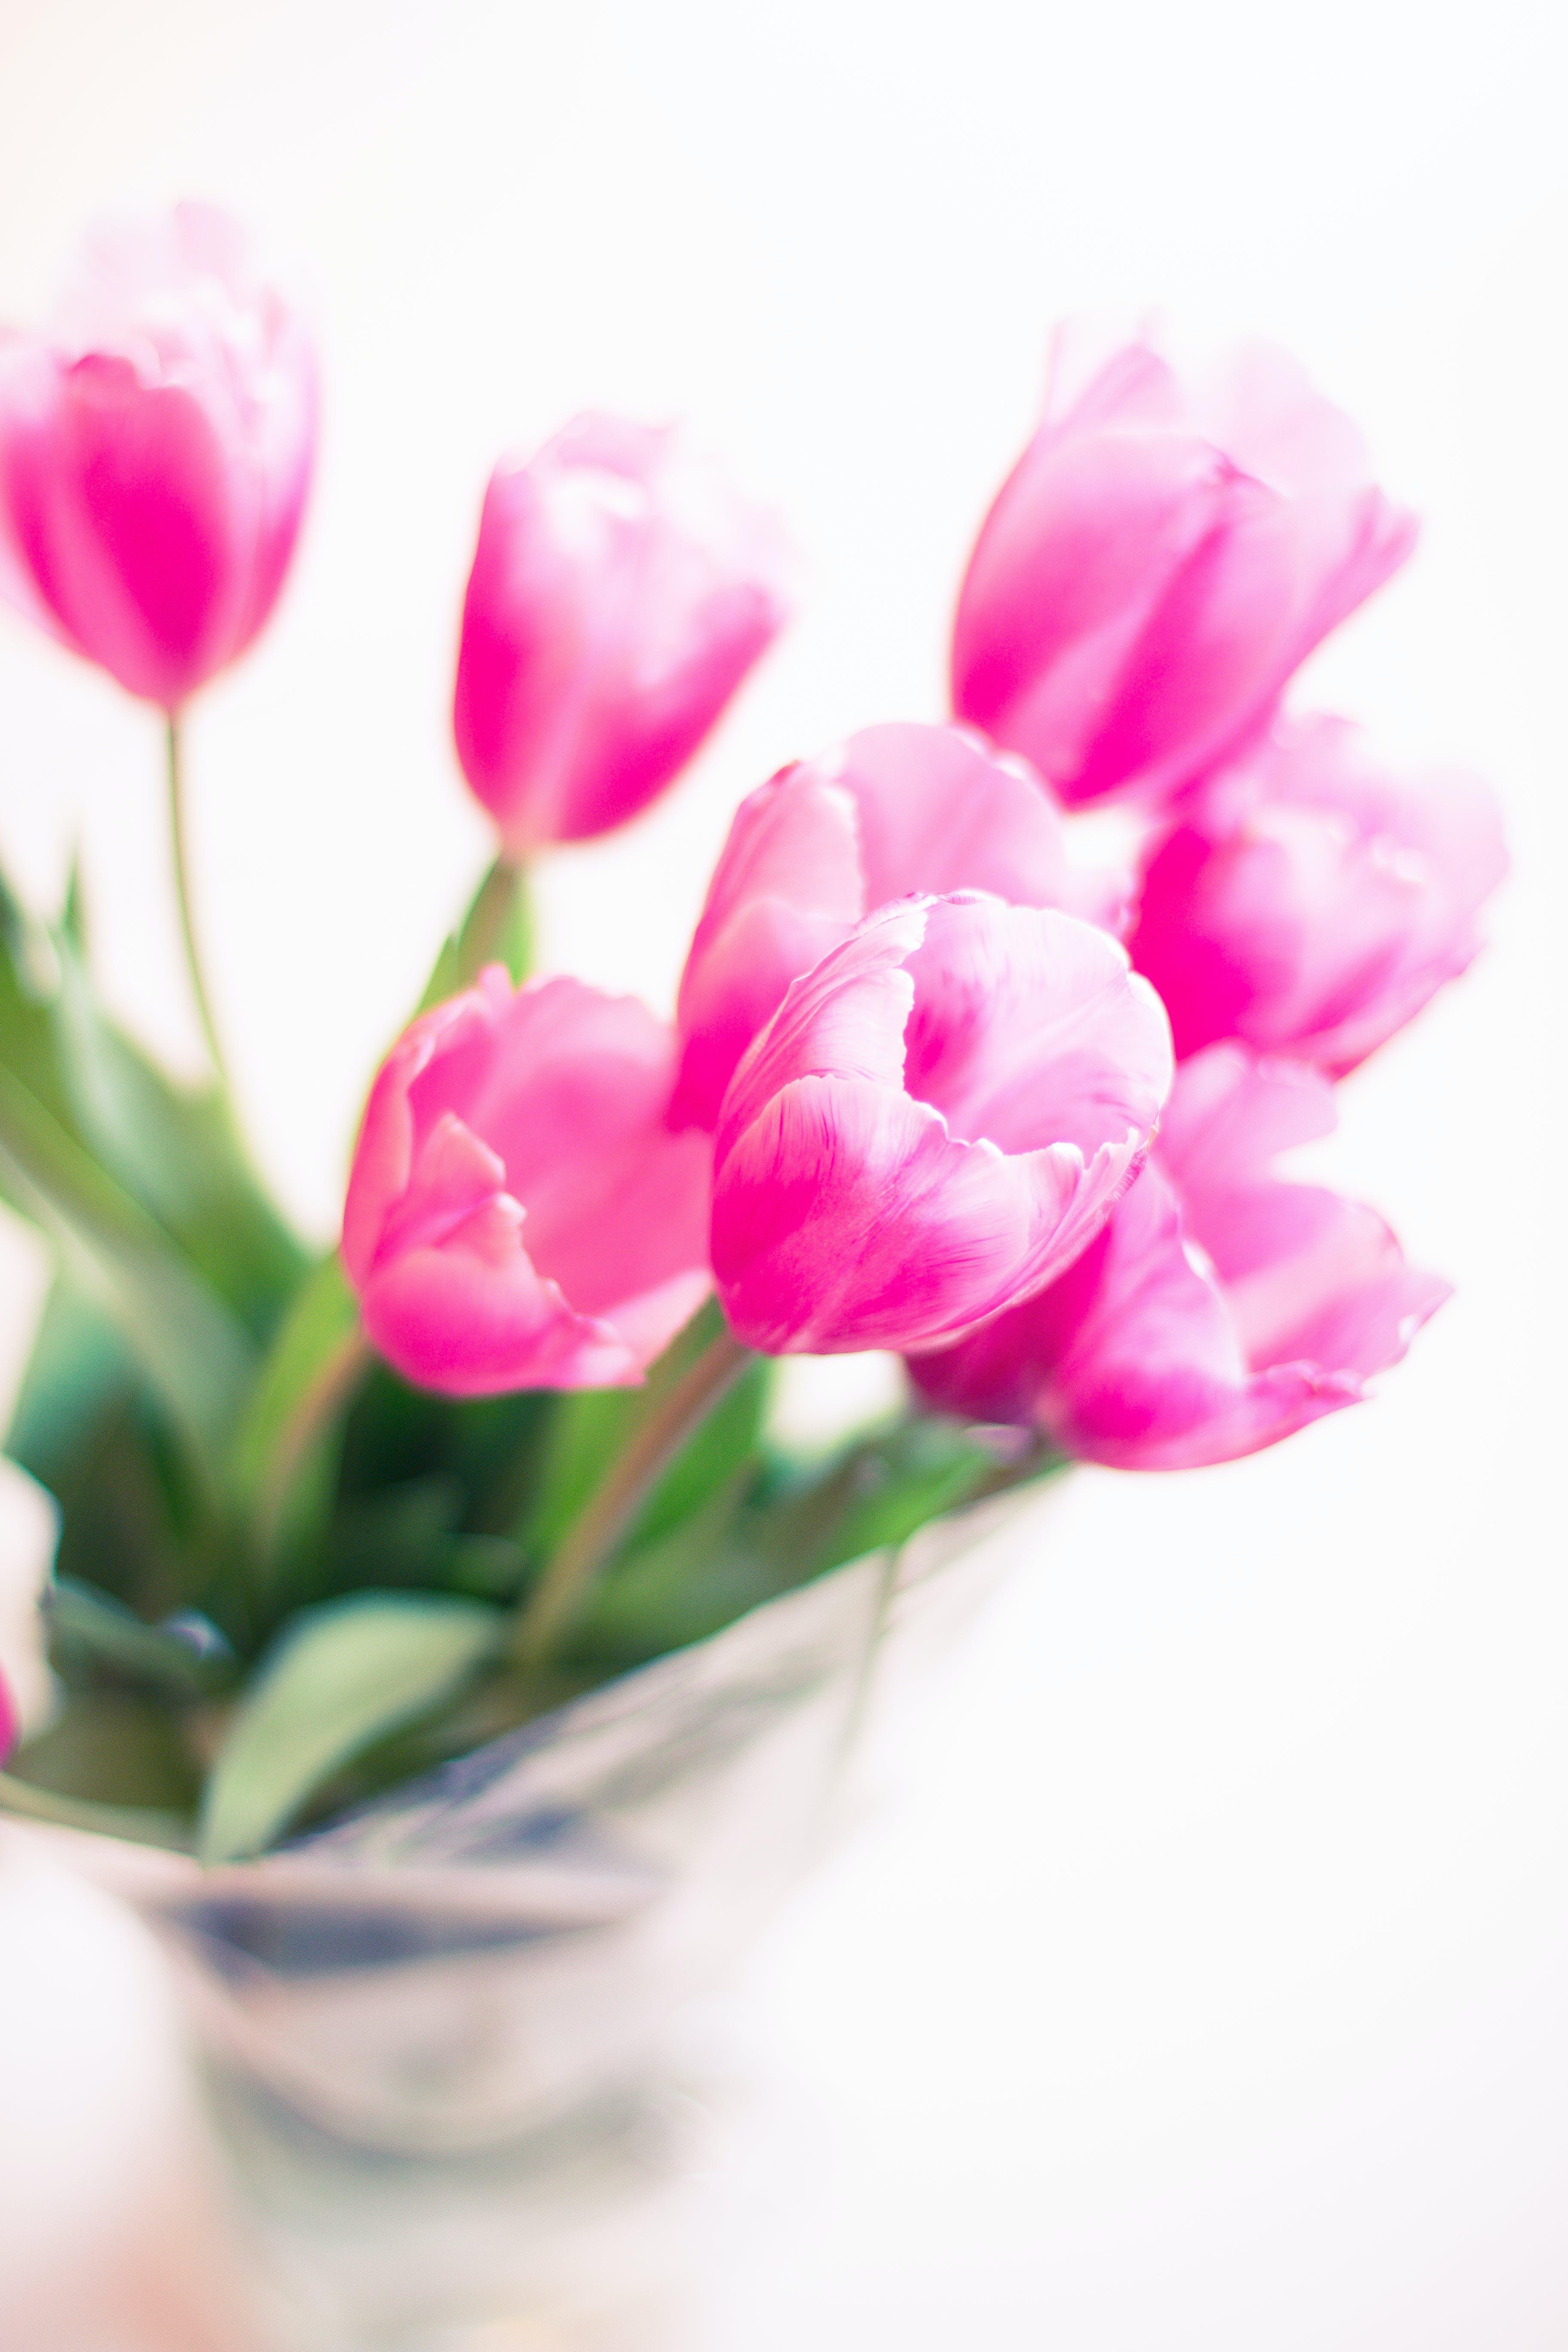 Kostenloses Stock Foto zu blumen, blumenstrauß, blütenblatt, dekoration